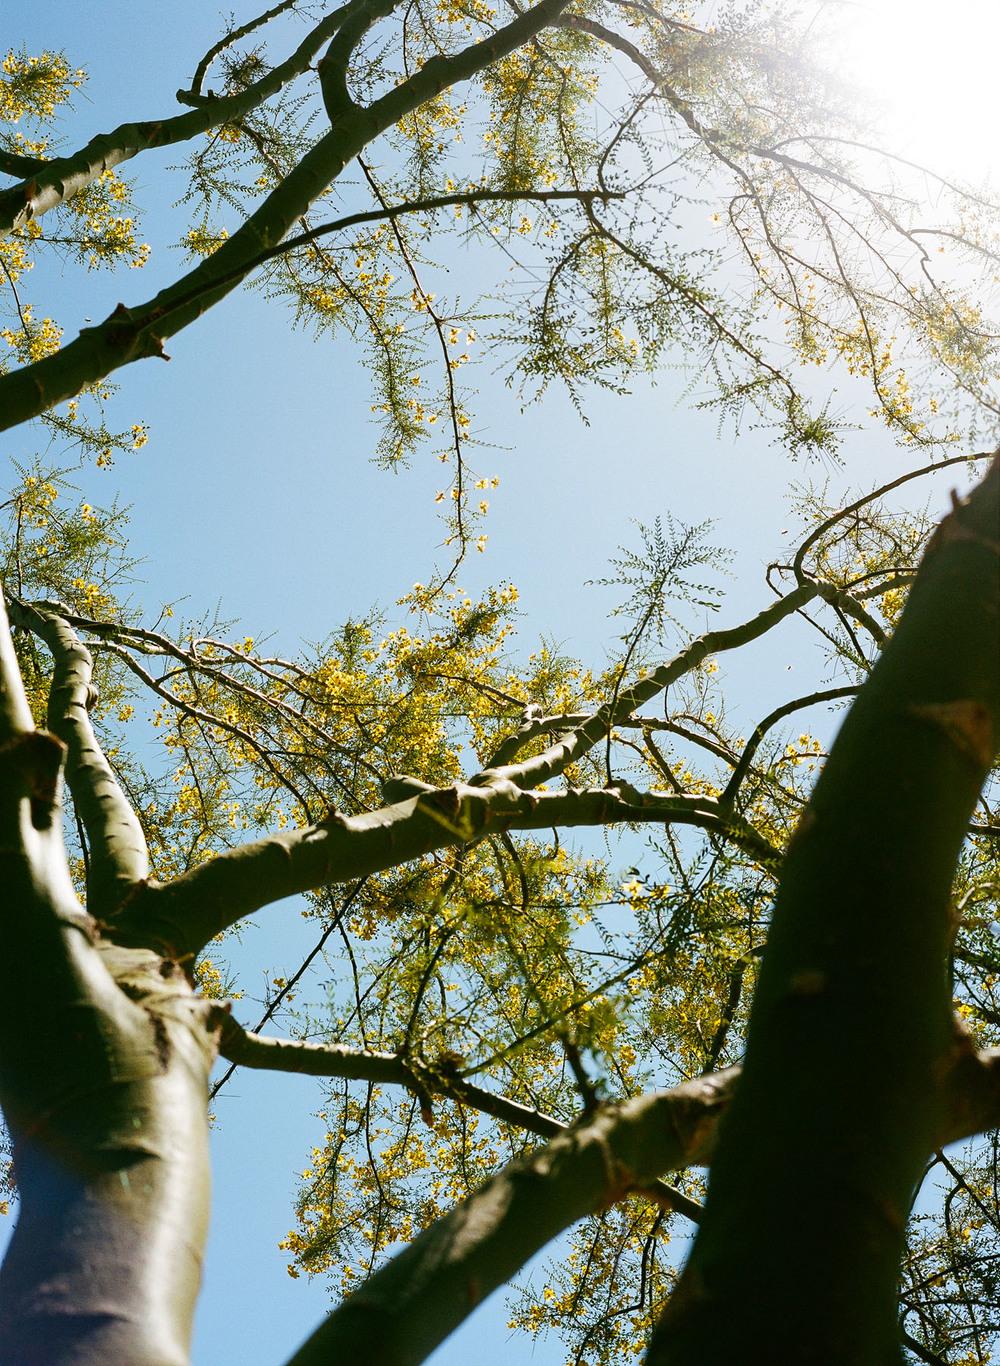 Anza-Borrego-Tree-01.jpg